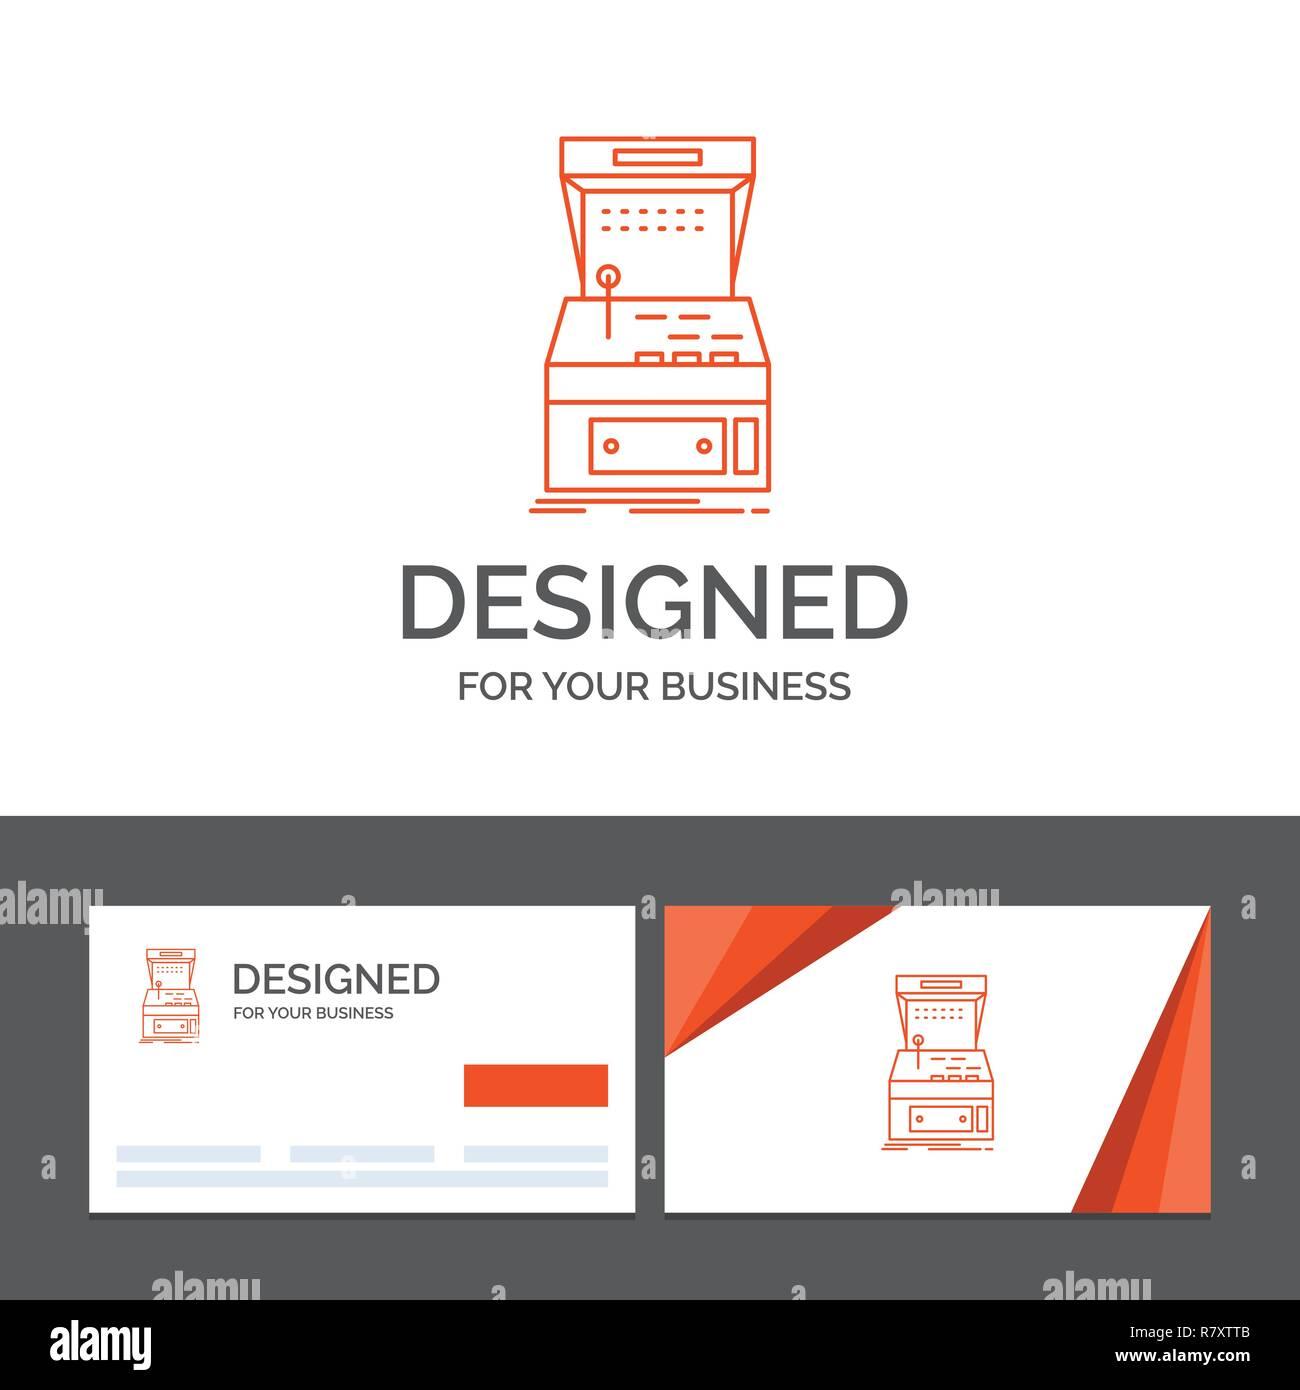 Logo Dentreprise Modele Pour Arcade Console Jeu Machine Jouer Cartes De Visite Orange Avec Marque Template